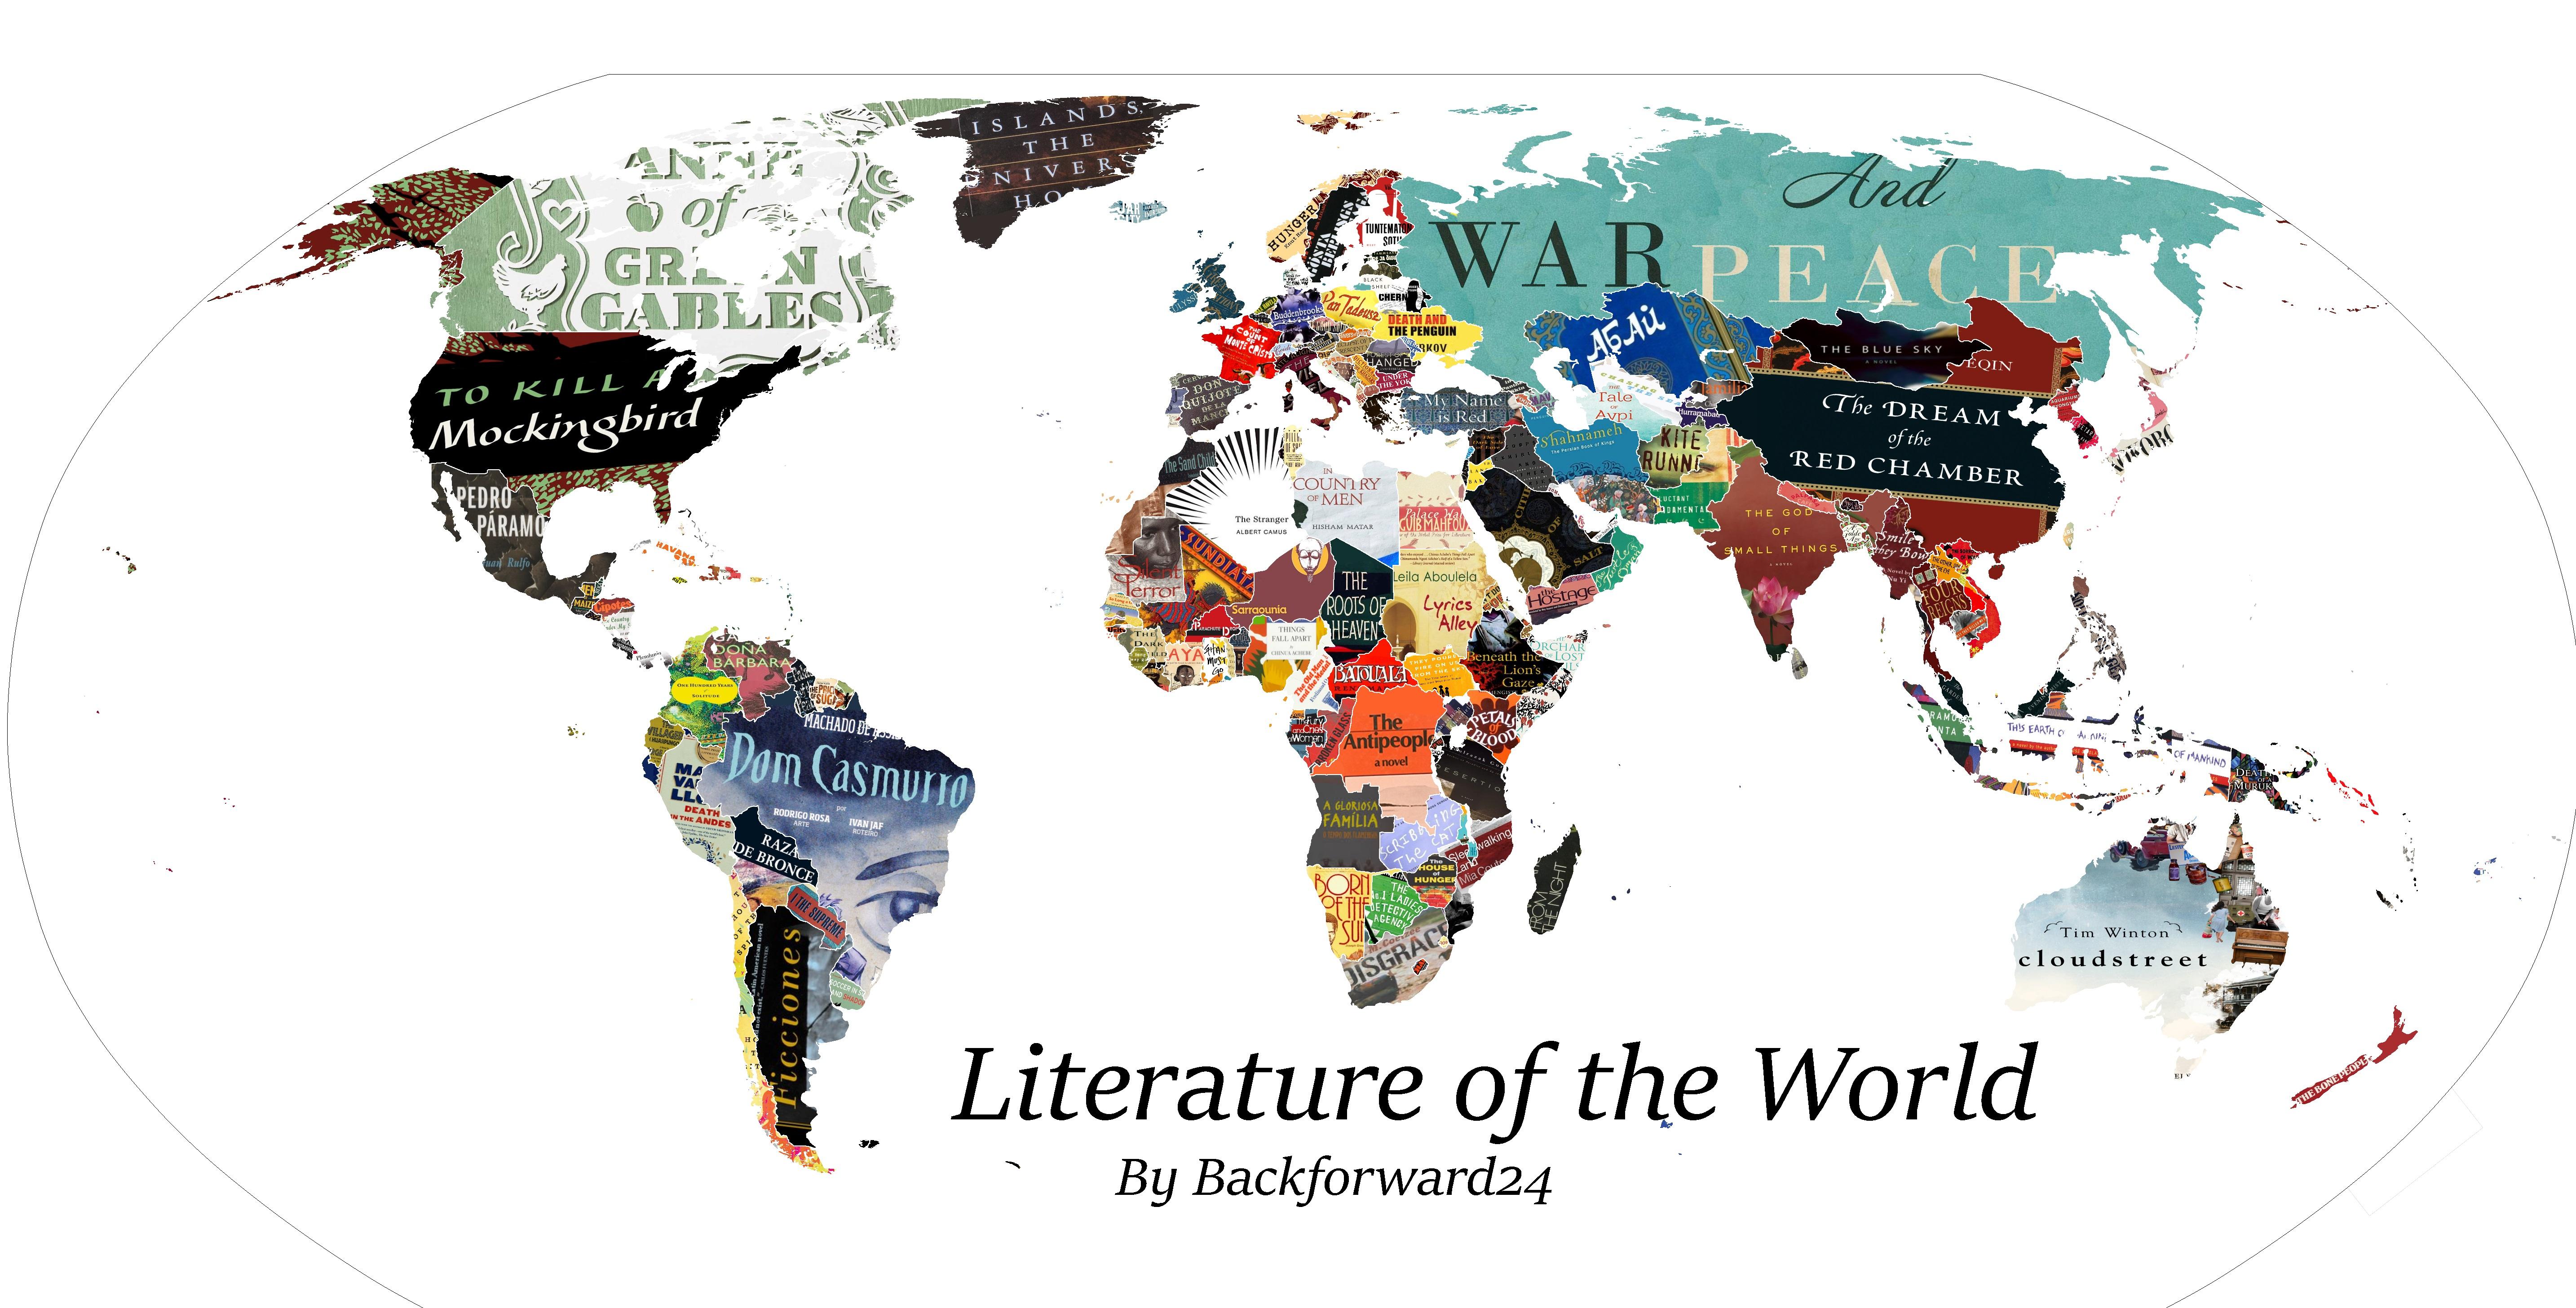 perierga.gr - Xάρτης αποκαλύπτει το πιο σημαντικό βιβλίο κάθε χώρας